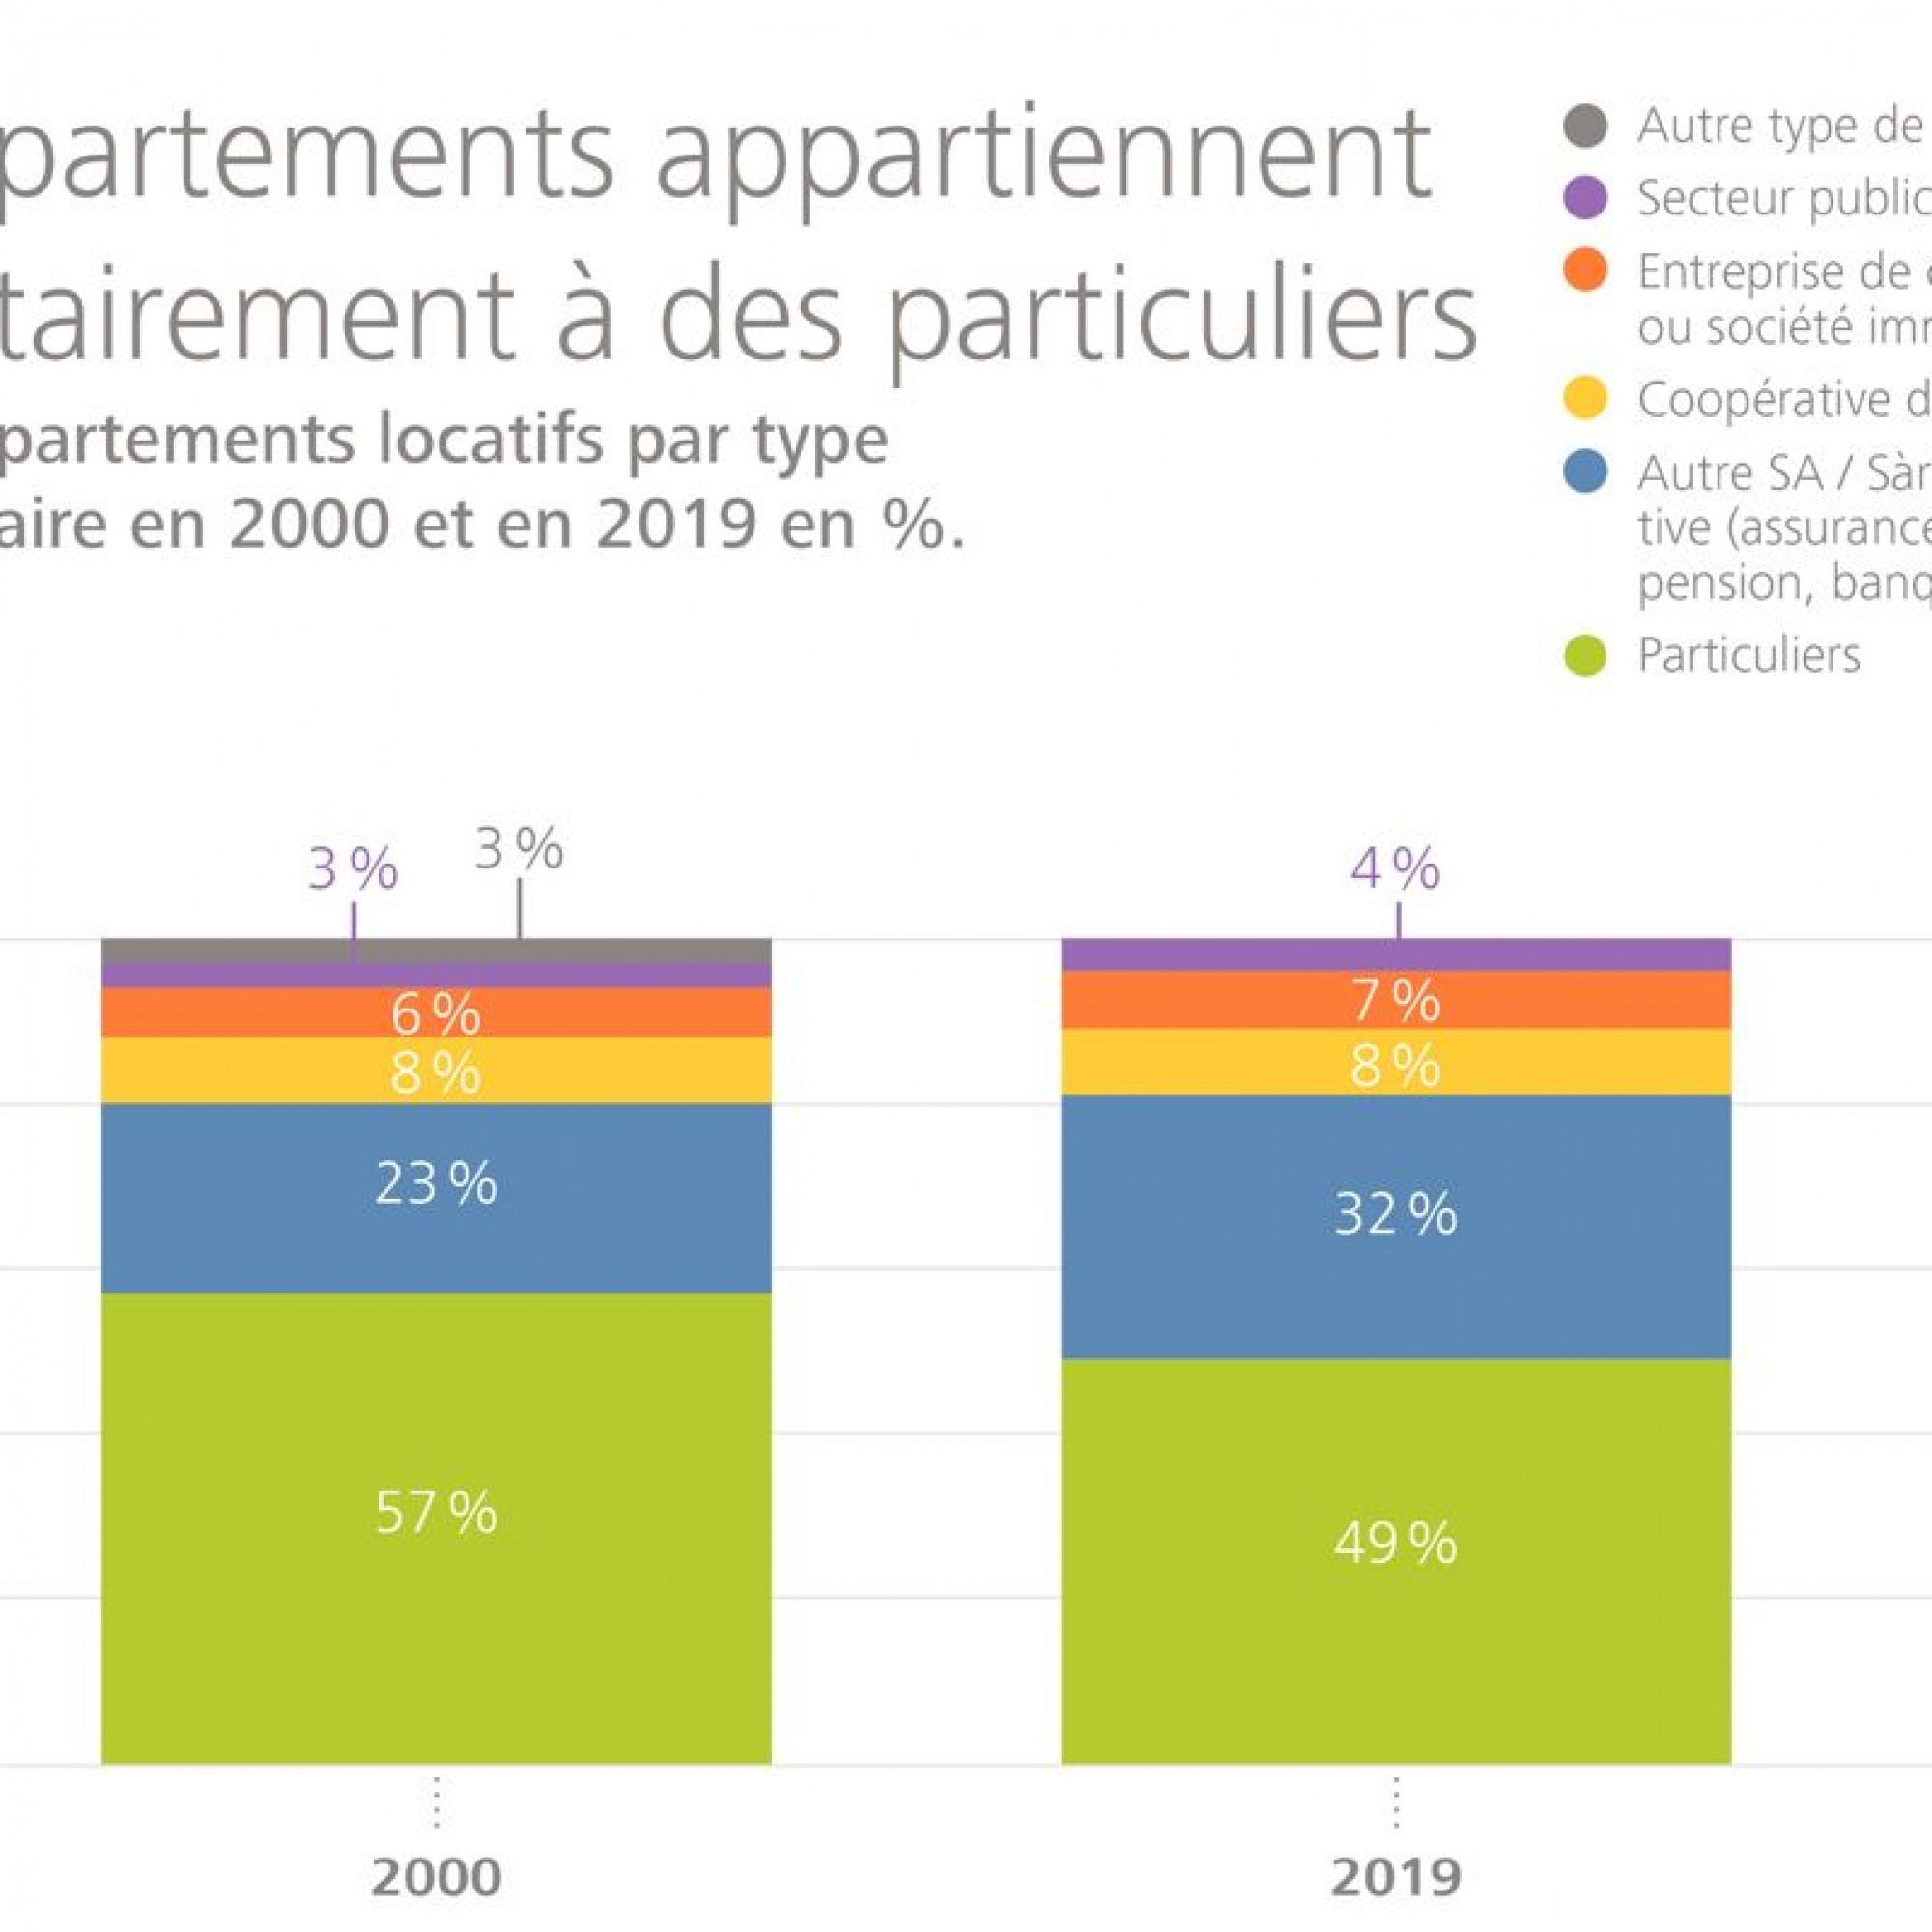 La part des logements en propriété a nettement diminué en vingt ans en Suisse.